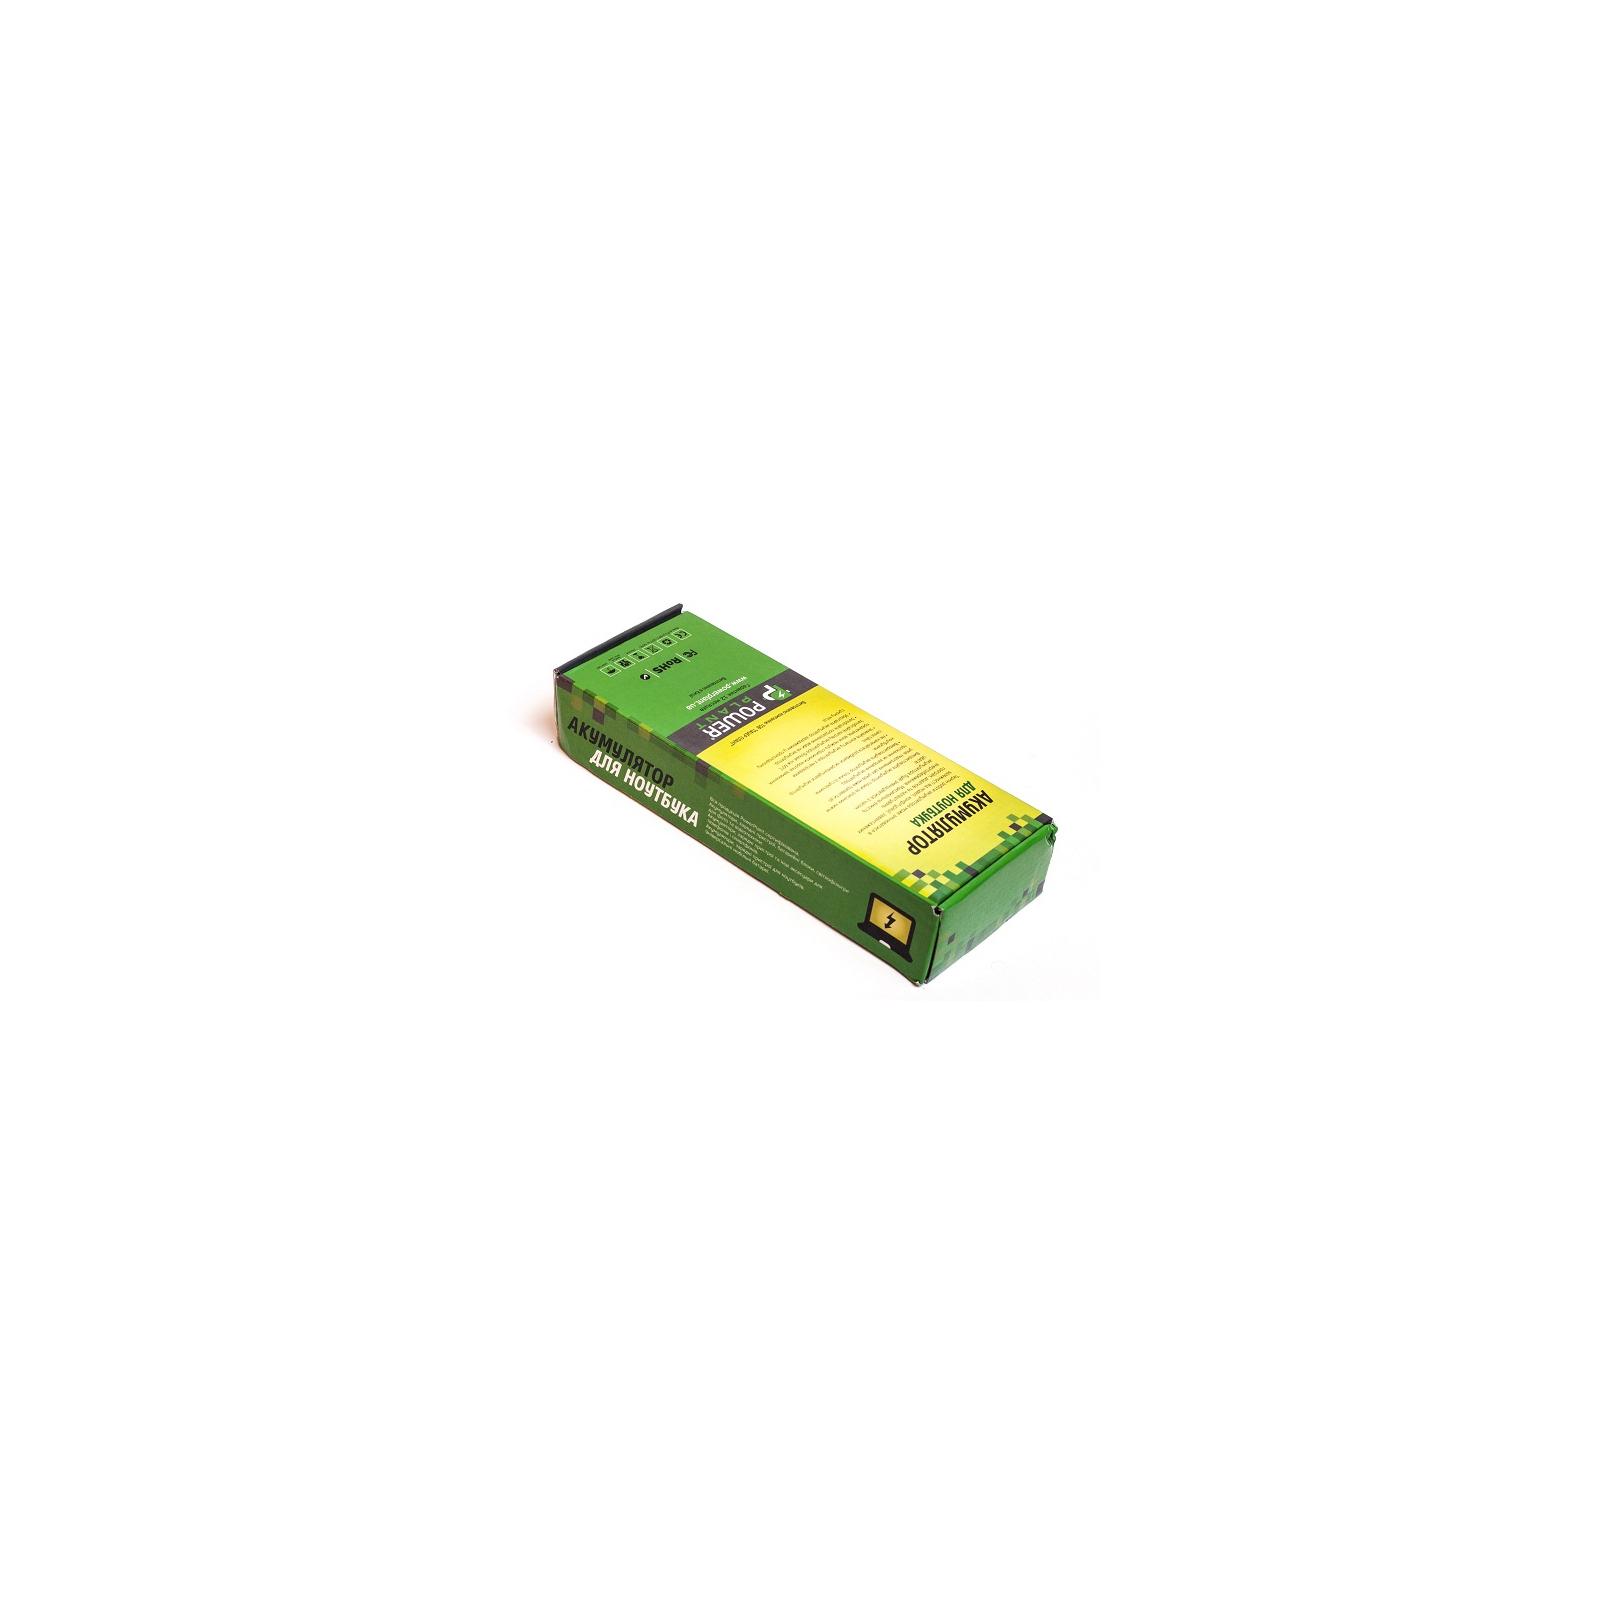 Аккумулятор для ноутбука ASUS F9 (A32-F9) 11,1V 4400mAh PowerPlant (NB00000191) изображение 2